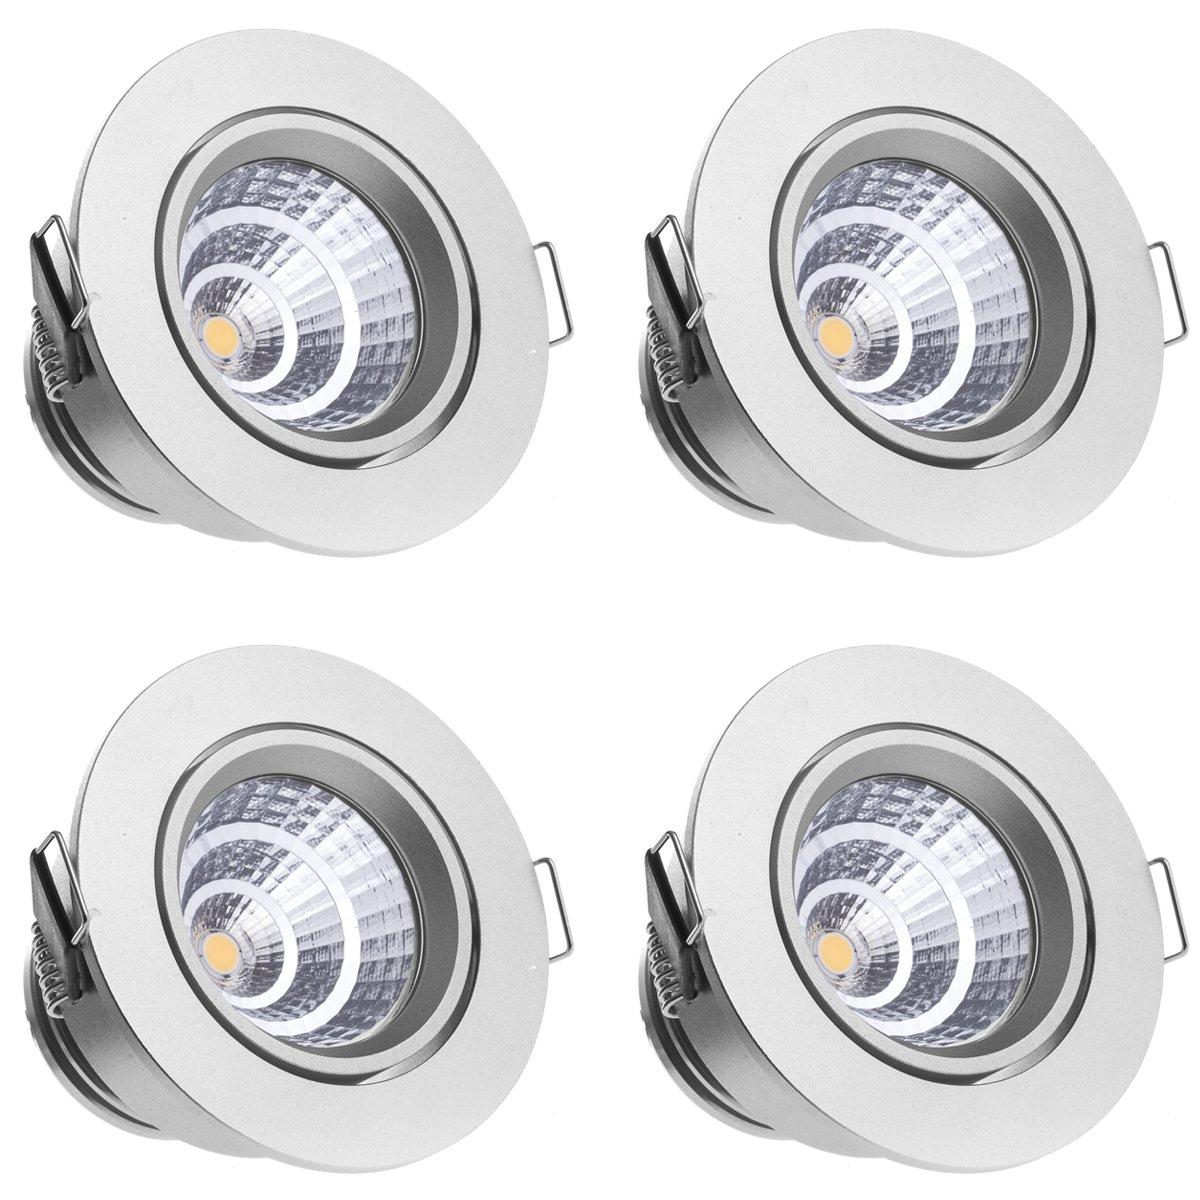 Sensati Kleine exklusive Design LED Einbauleuchte Downlight Spot Set zu 4 Stück, schwenkbar, dimmbar 1088 lm, inklusive Treiber, Gehäusefarbe silber, kaltweiß T105 4 CW S